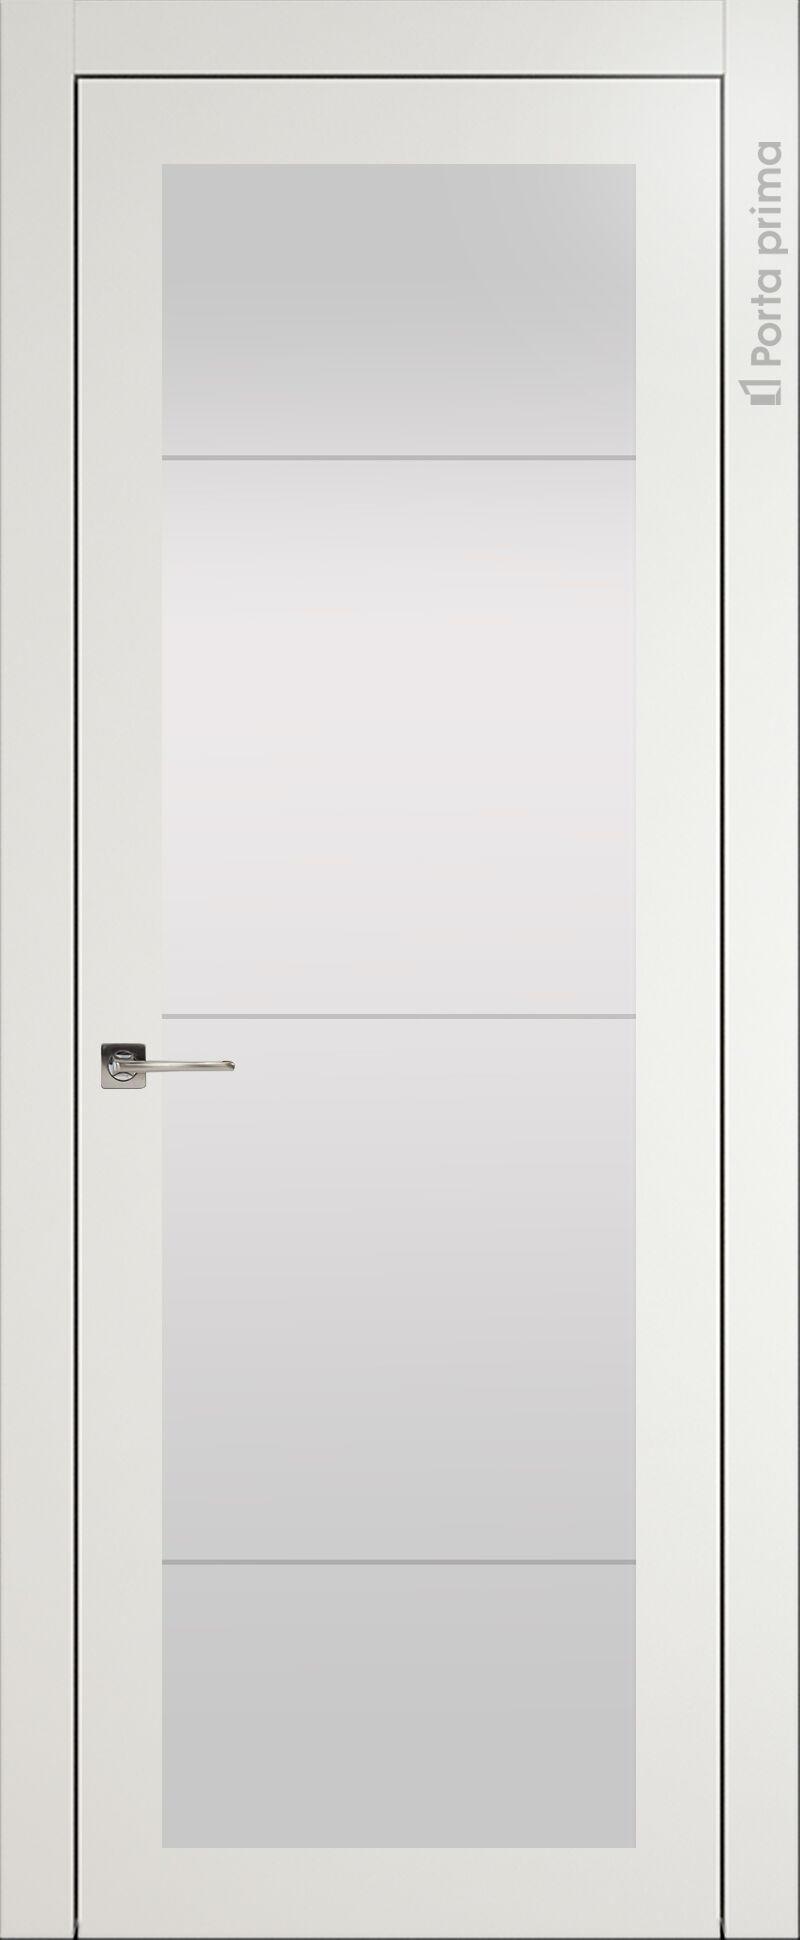 Tivoli З-3 цвет - Бежевая эмаль (RAL 9010) Со стеклом (ДО)